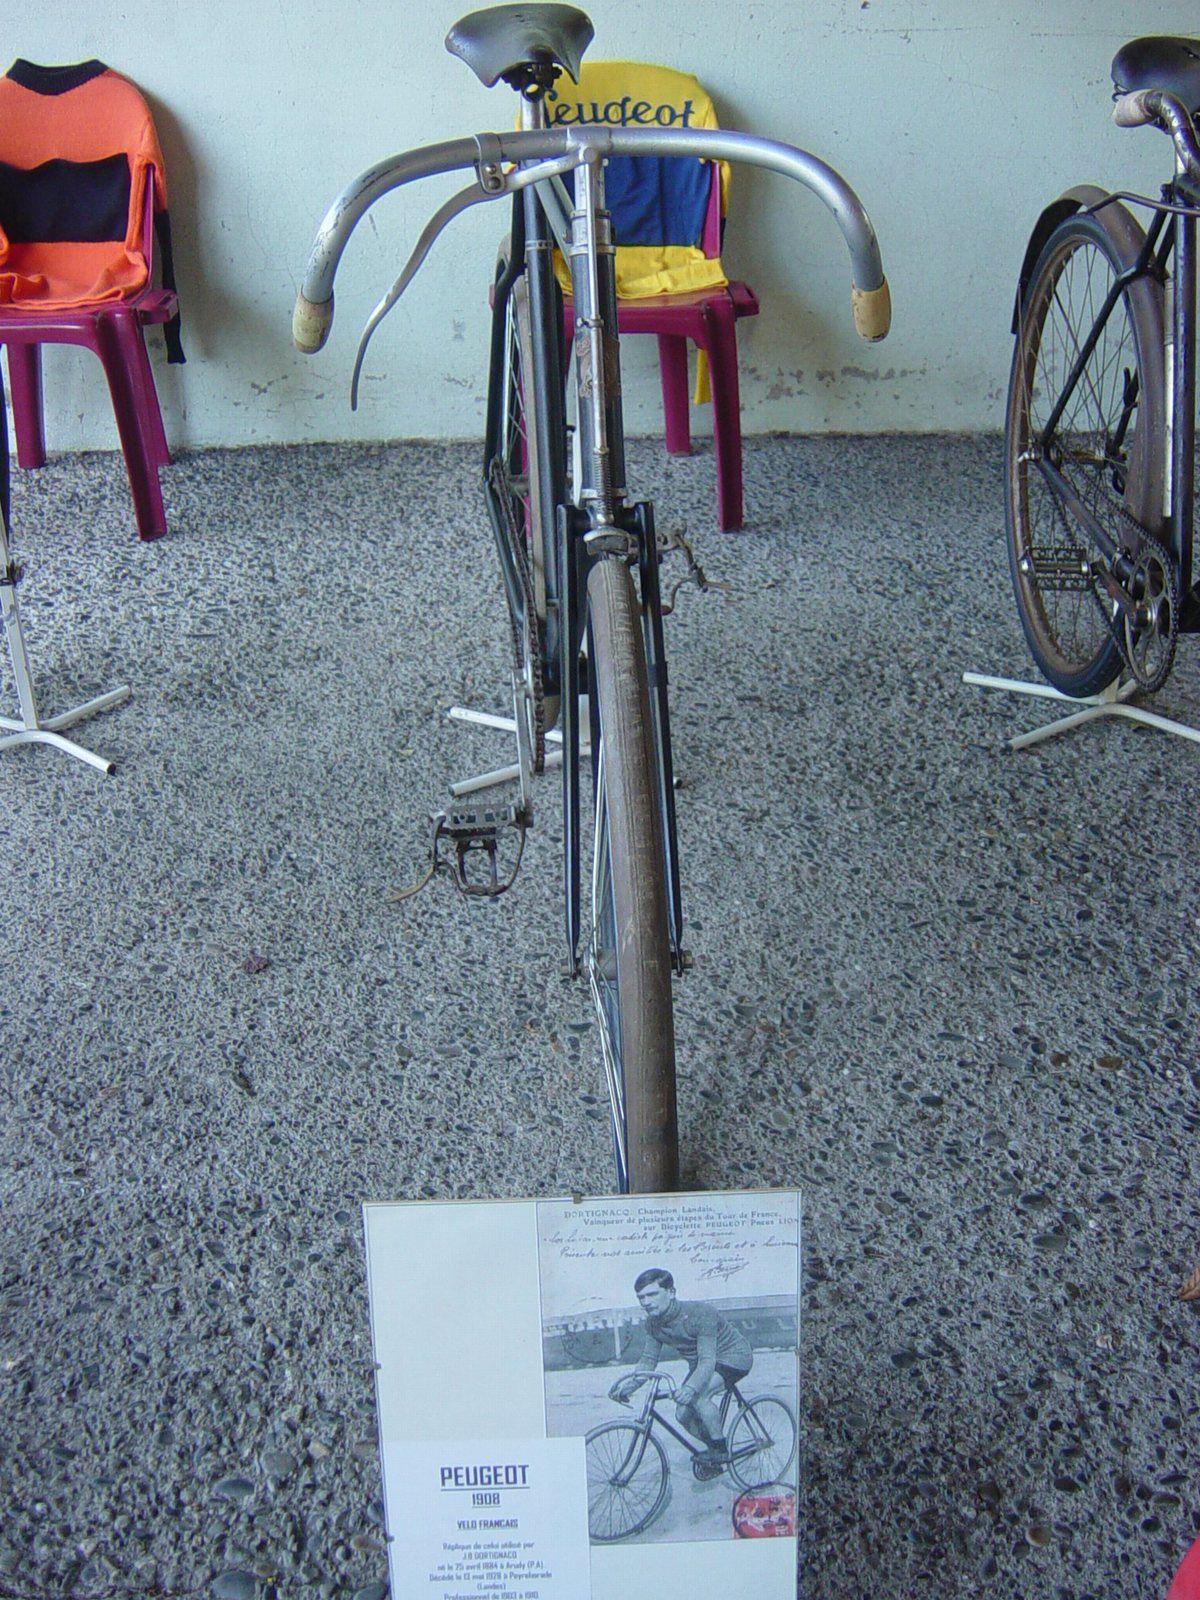 Vélo Peugeot de 1908, réplique du local J.B Dortignacq né à Arudy le 25/04/1884, décédé à Peyrehorade (40) le: 13/05/1928. 2ème du TDF 1904, 3ème en 1905 et vainqueur de 5 étapes.